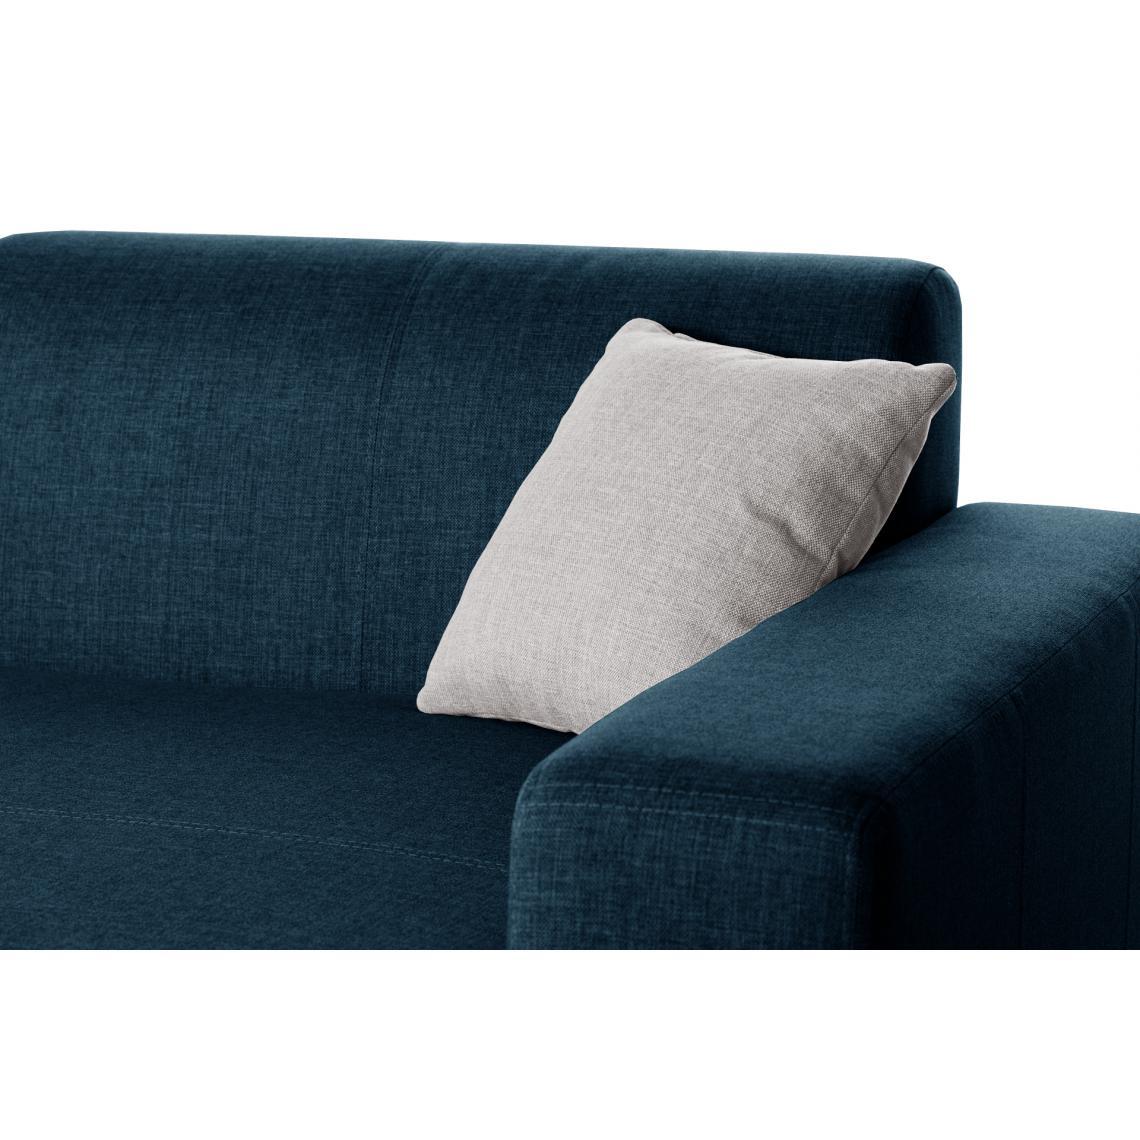 Canapé d'angle droit convertible Crème Turquoise TERAZZA 3nfux